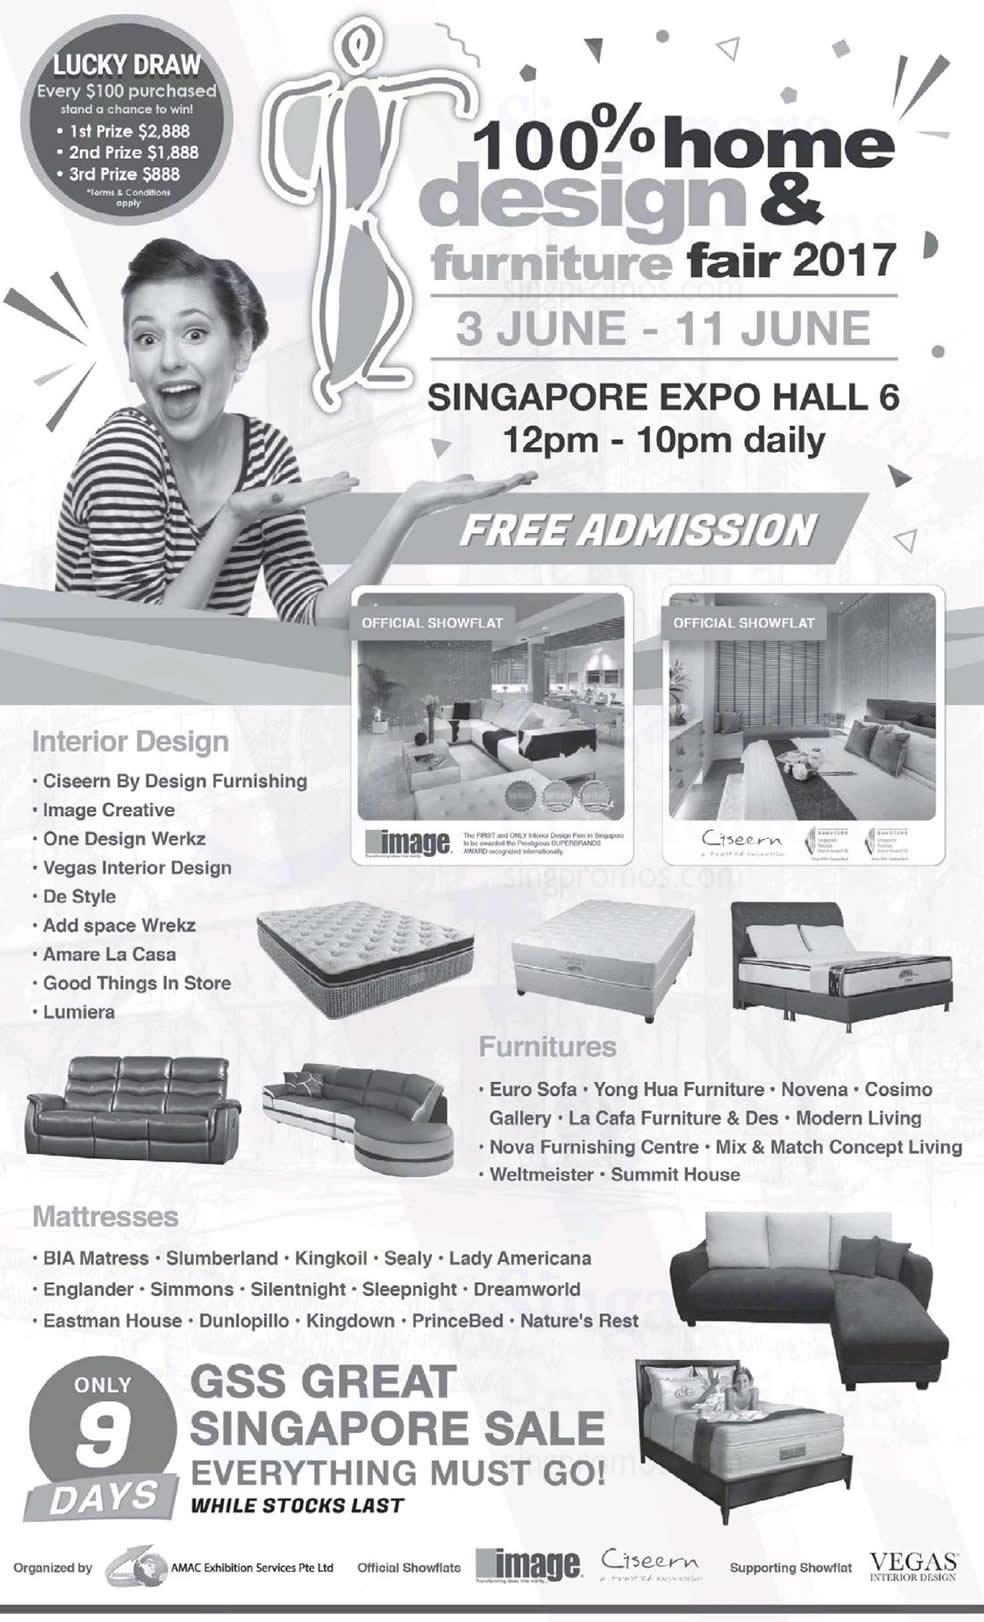 28 100 home design furniture fair interior design magazines 100 home design furniture fair 100 home design amp furniture fair 2017 at singapore expo